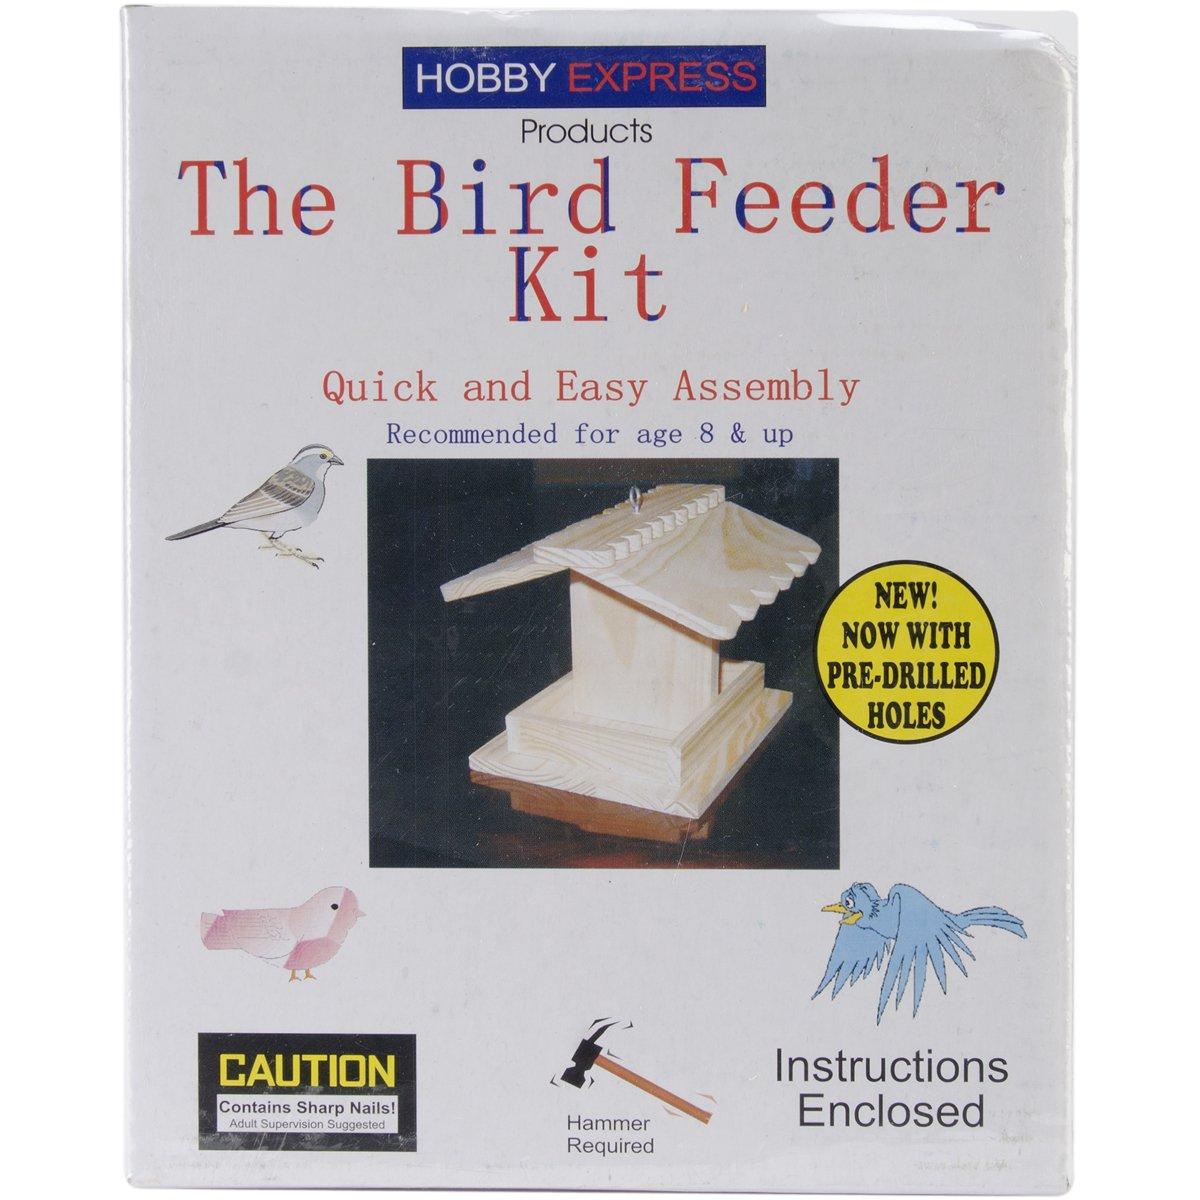 Pinepro 60001 Unfinished Wood Kit, Bird Feeder Notions